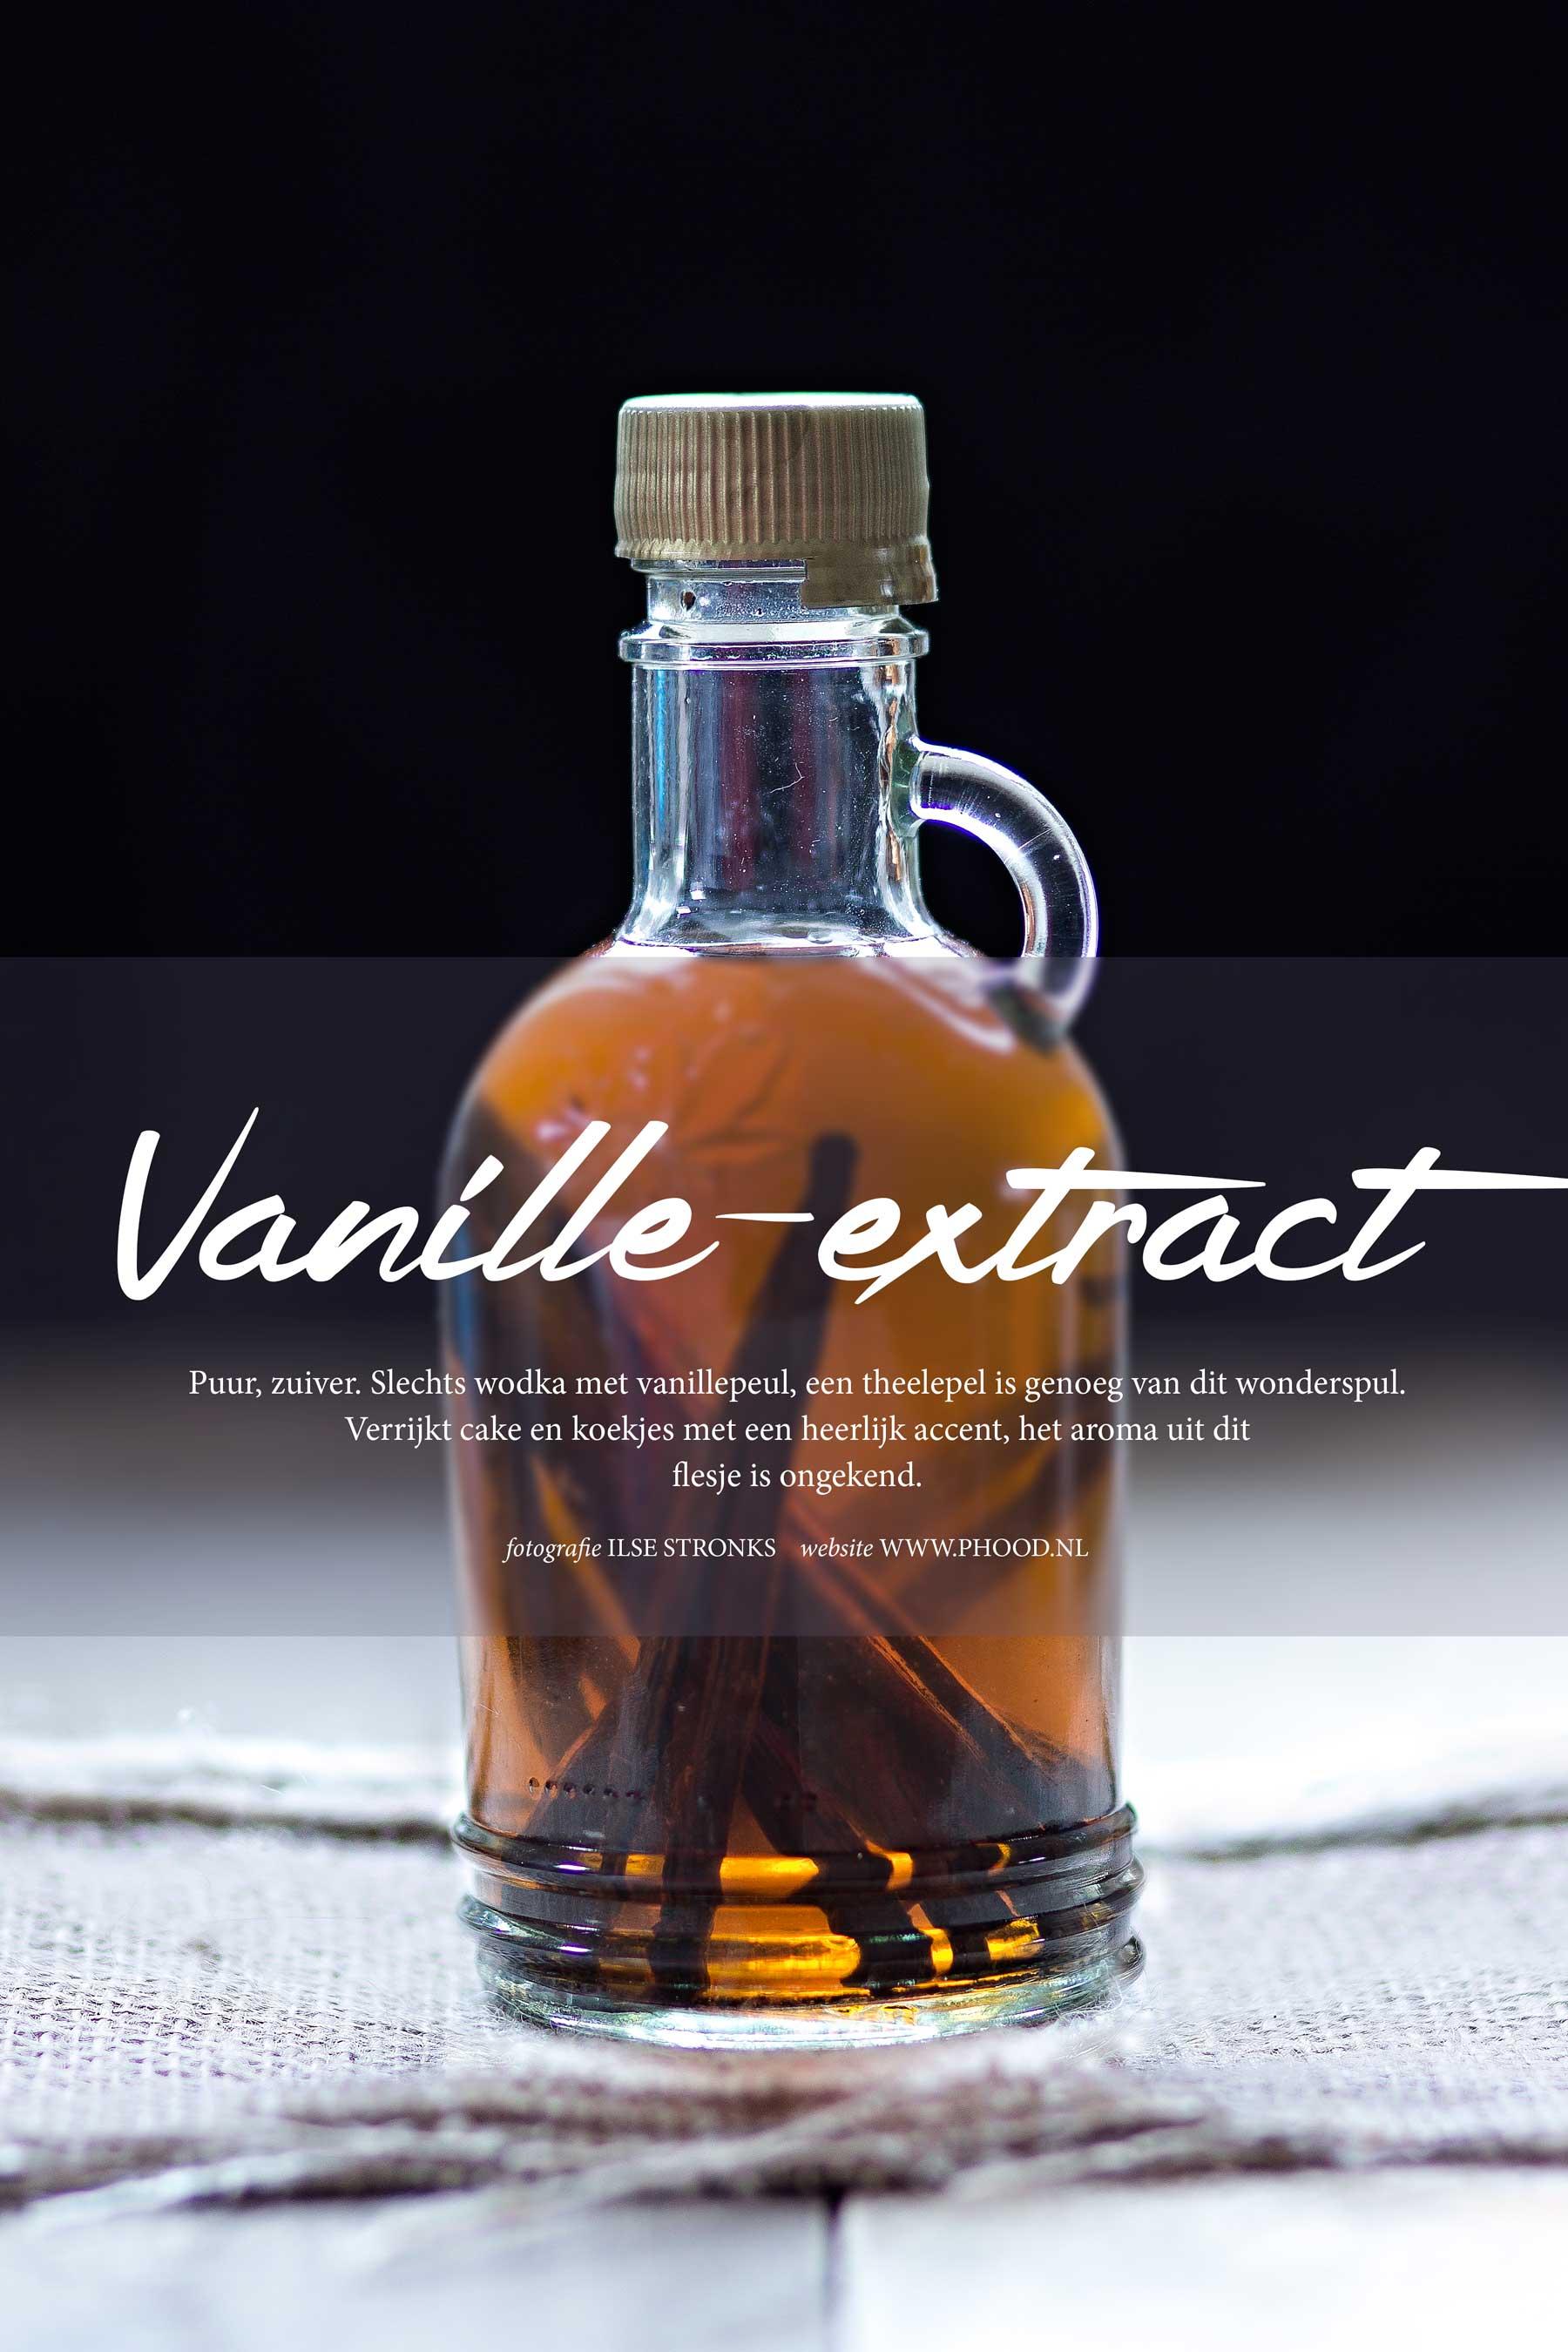 vanille-extract maken